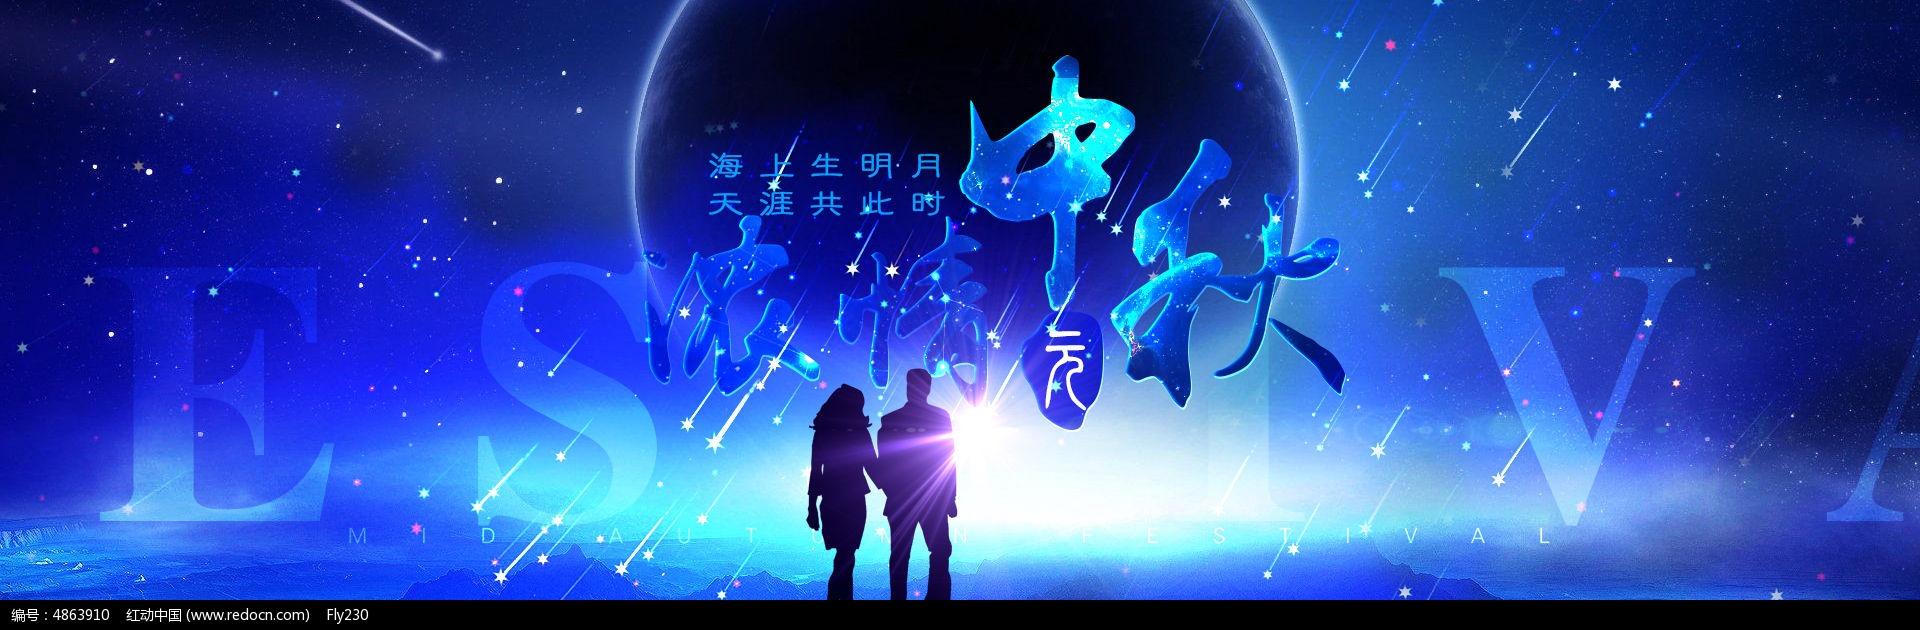 淘宝天猫中秋节炫酷海报设计模板